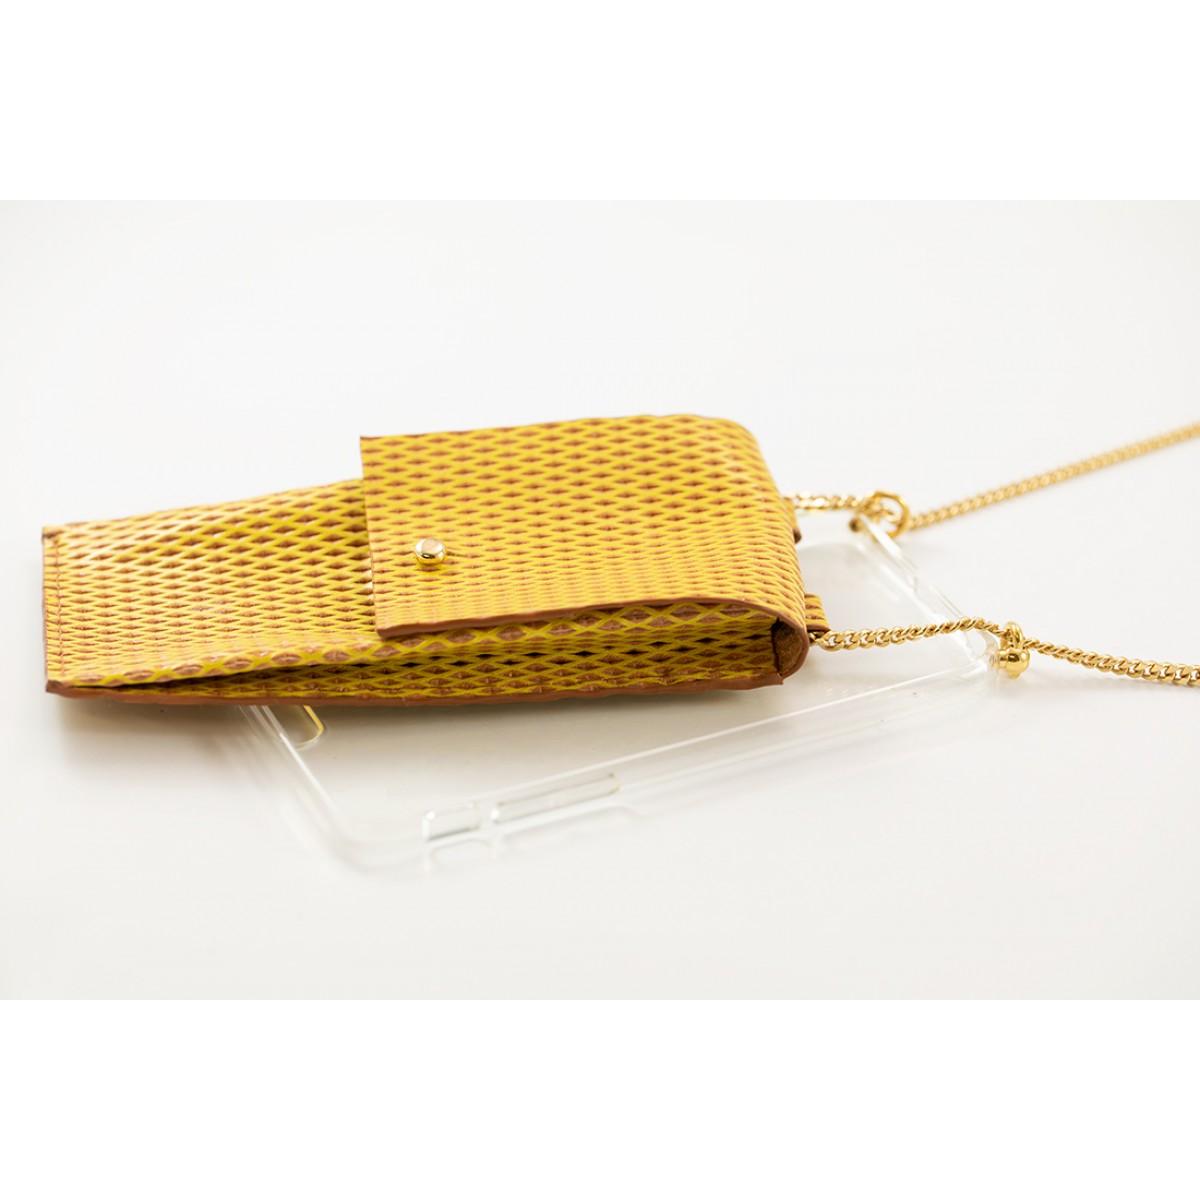 Handykette aus Metall mit Lederriemen und abnehmbarer Tasche, senfgelb/gold